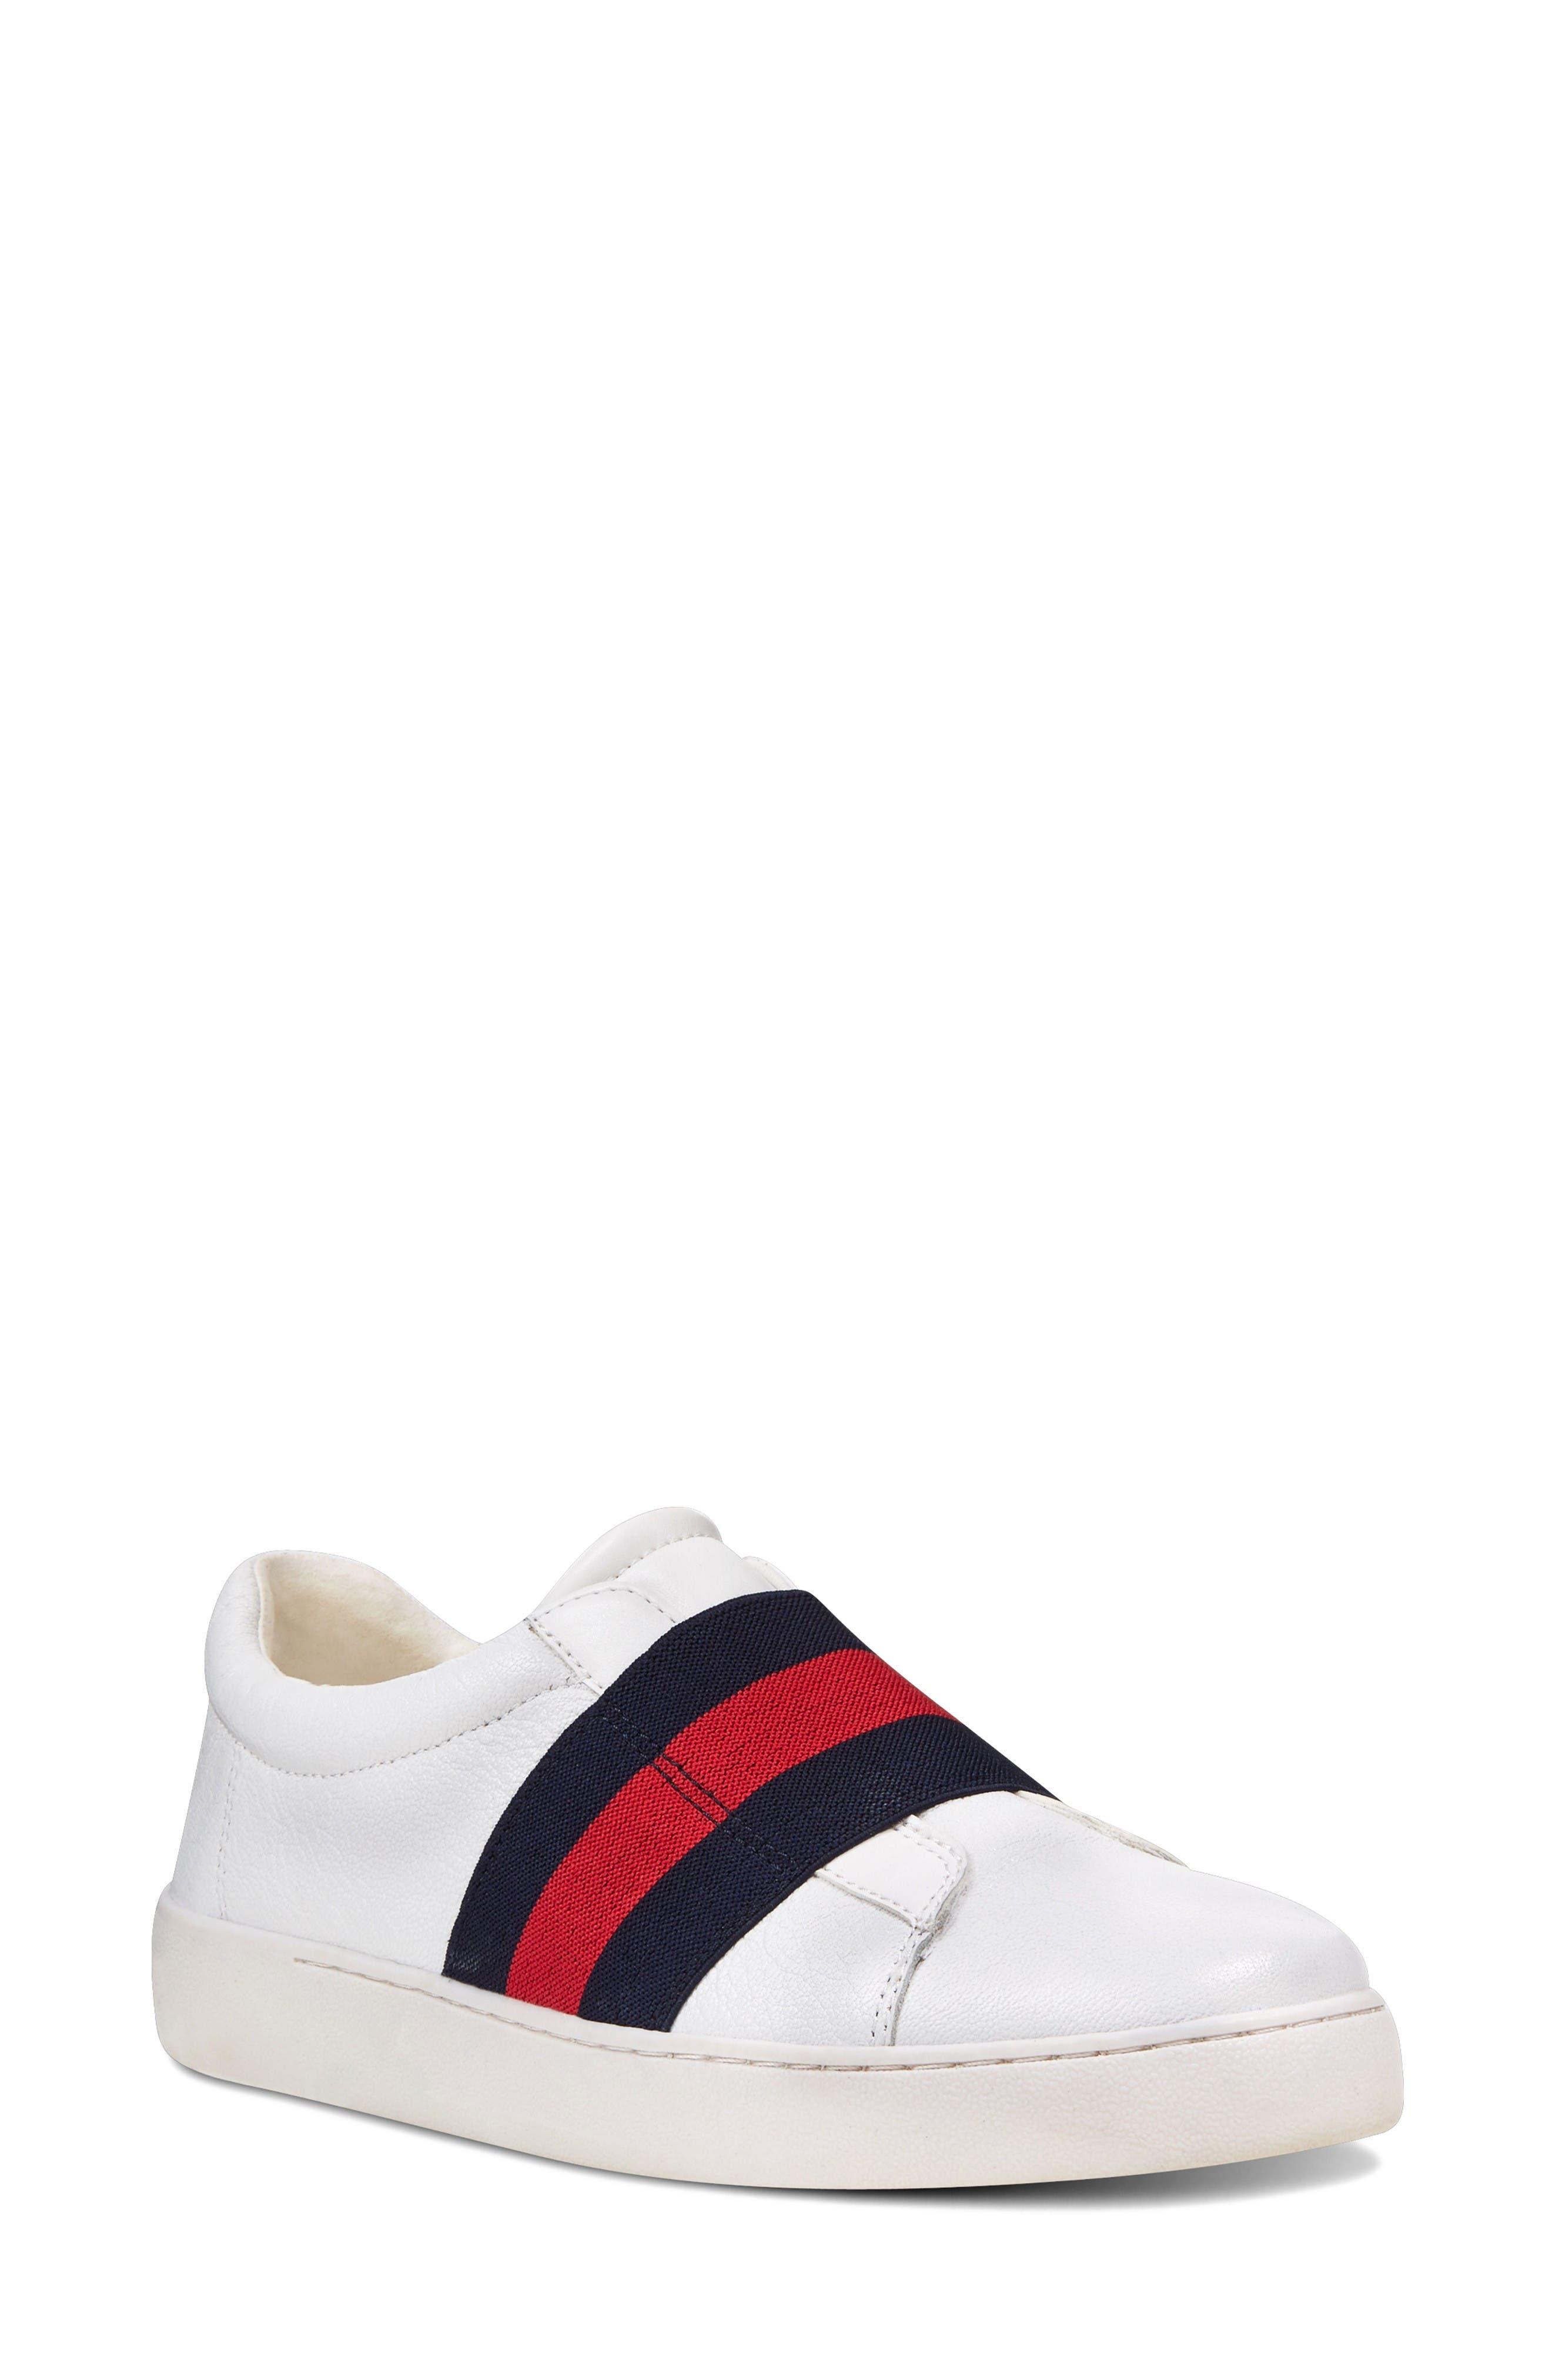 Alternate Image 1 Selected - Nine West Pirin Slip-On Sneaker (Women)